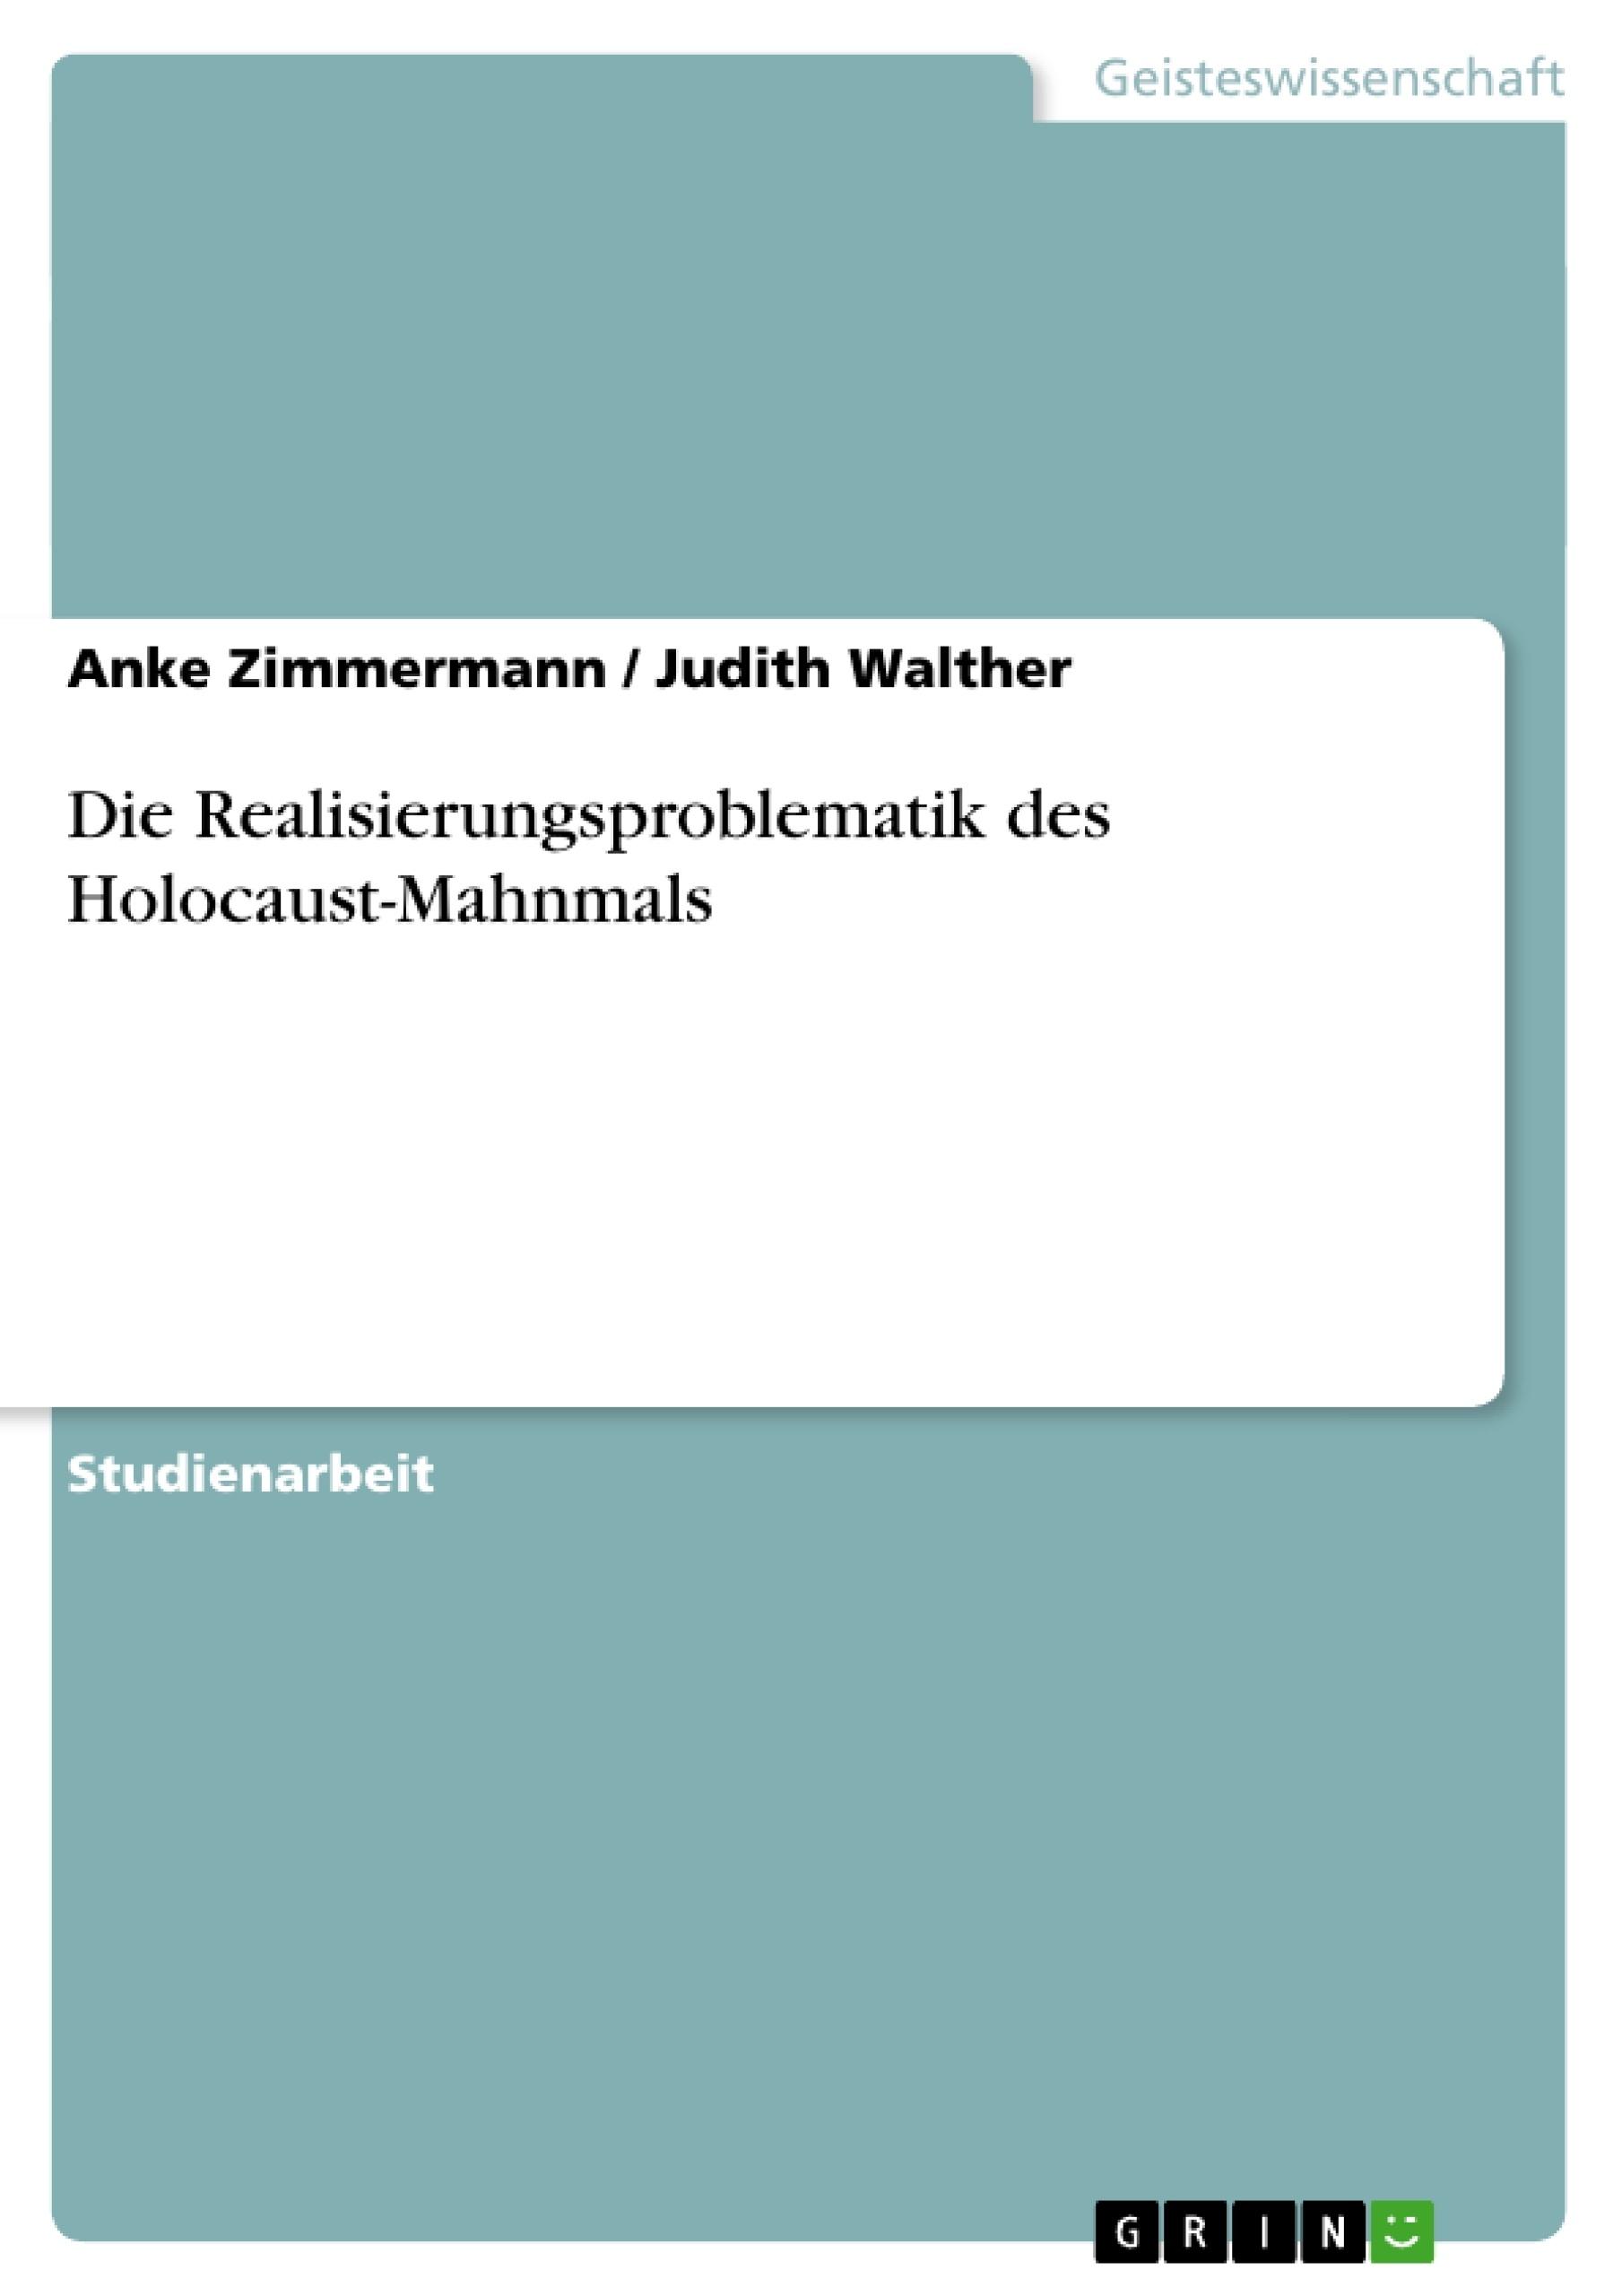 Titel: Die Realisierungsproblematik des Holocaust-Mahnmals